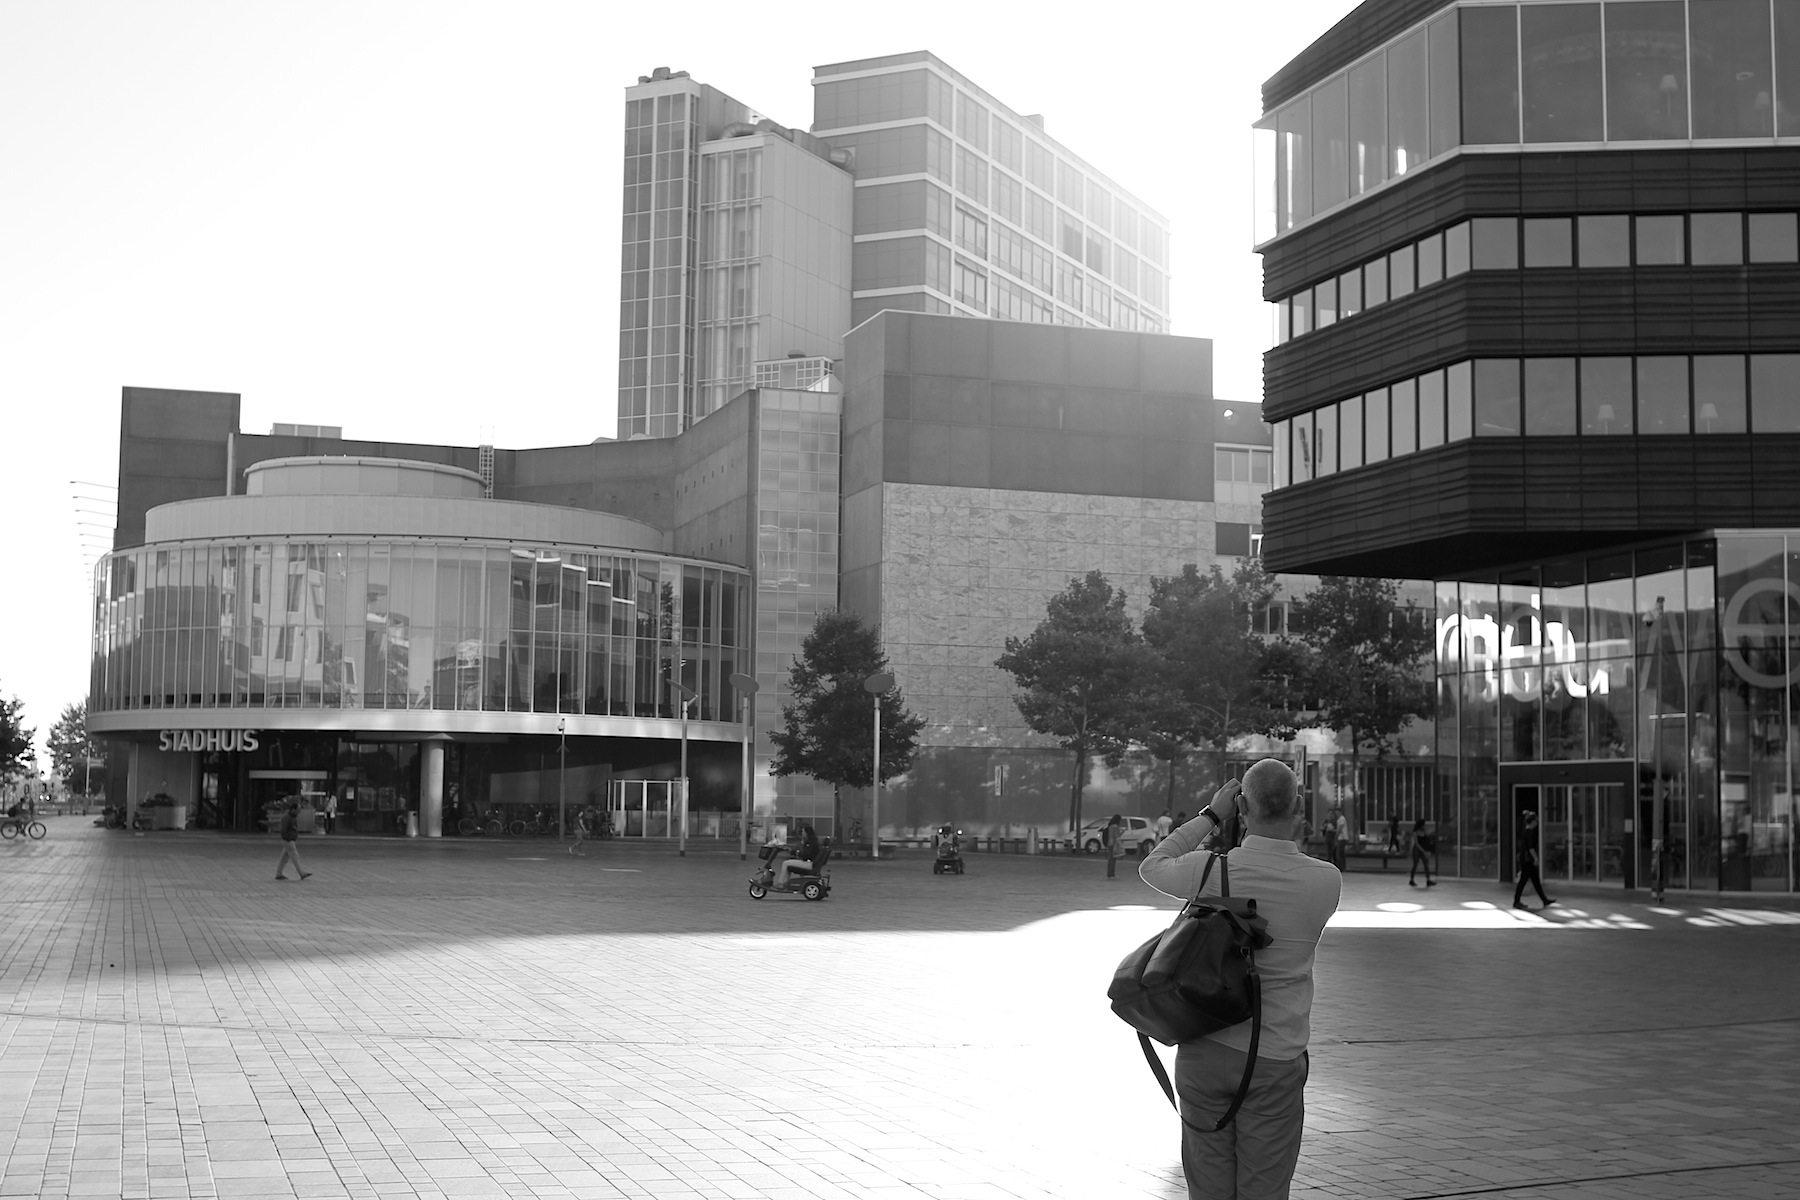 Stadhuisplein. Am zentralen Platz, 5 Minuten vom Hauptbahnhof entfernt, stehen einige markante Bauten. Ab hier erhebt sich die Innenstadtplatte auf 6 Meter Höhe –Teil des vom Großarchitekturbüro OMA und Rem Koolhaas konzipierten Masterplans. Ein Hügel sollte entstehen und wurde auch so gebaut.